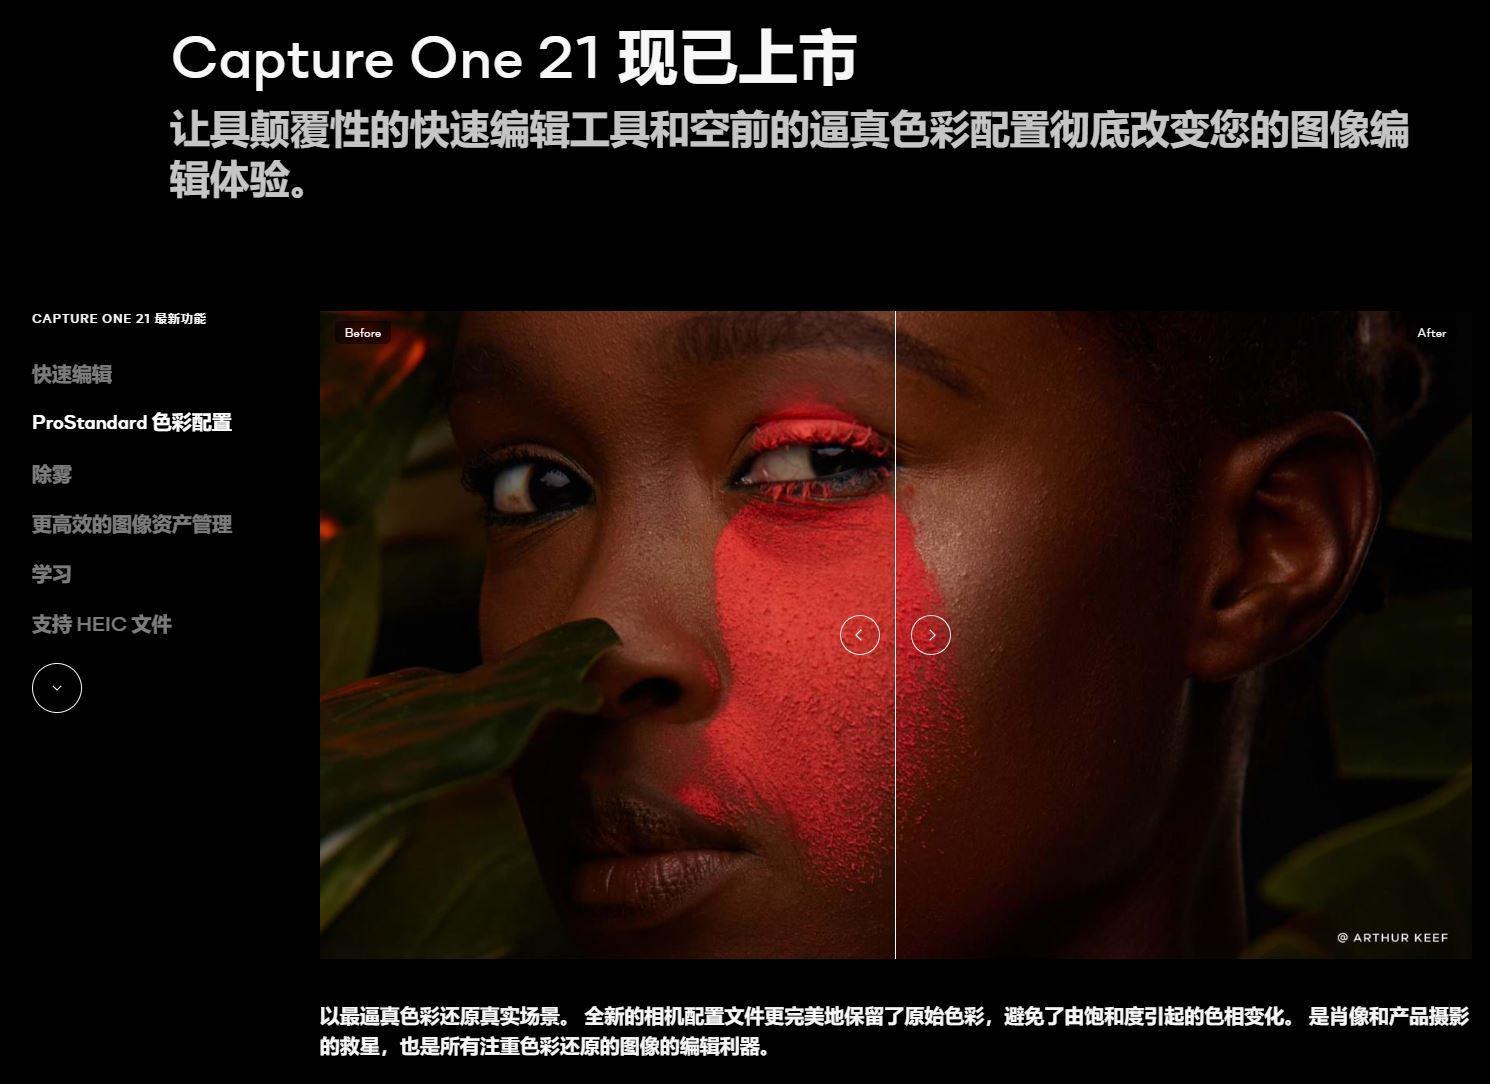 软件下载-飞思图像编辑处理软件Capture One 21 Pro v14.1.1 WIN/MAC中文版(5)